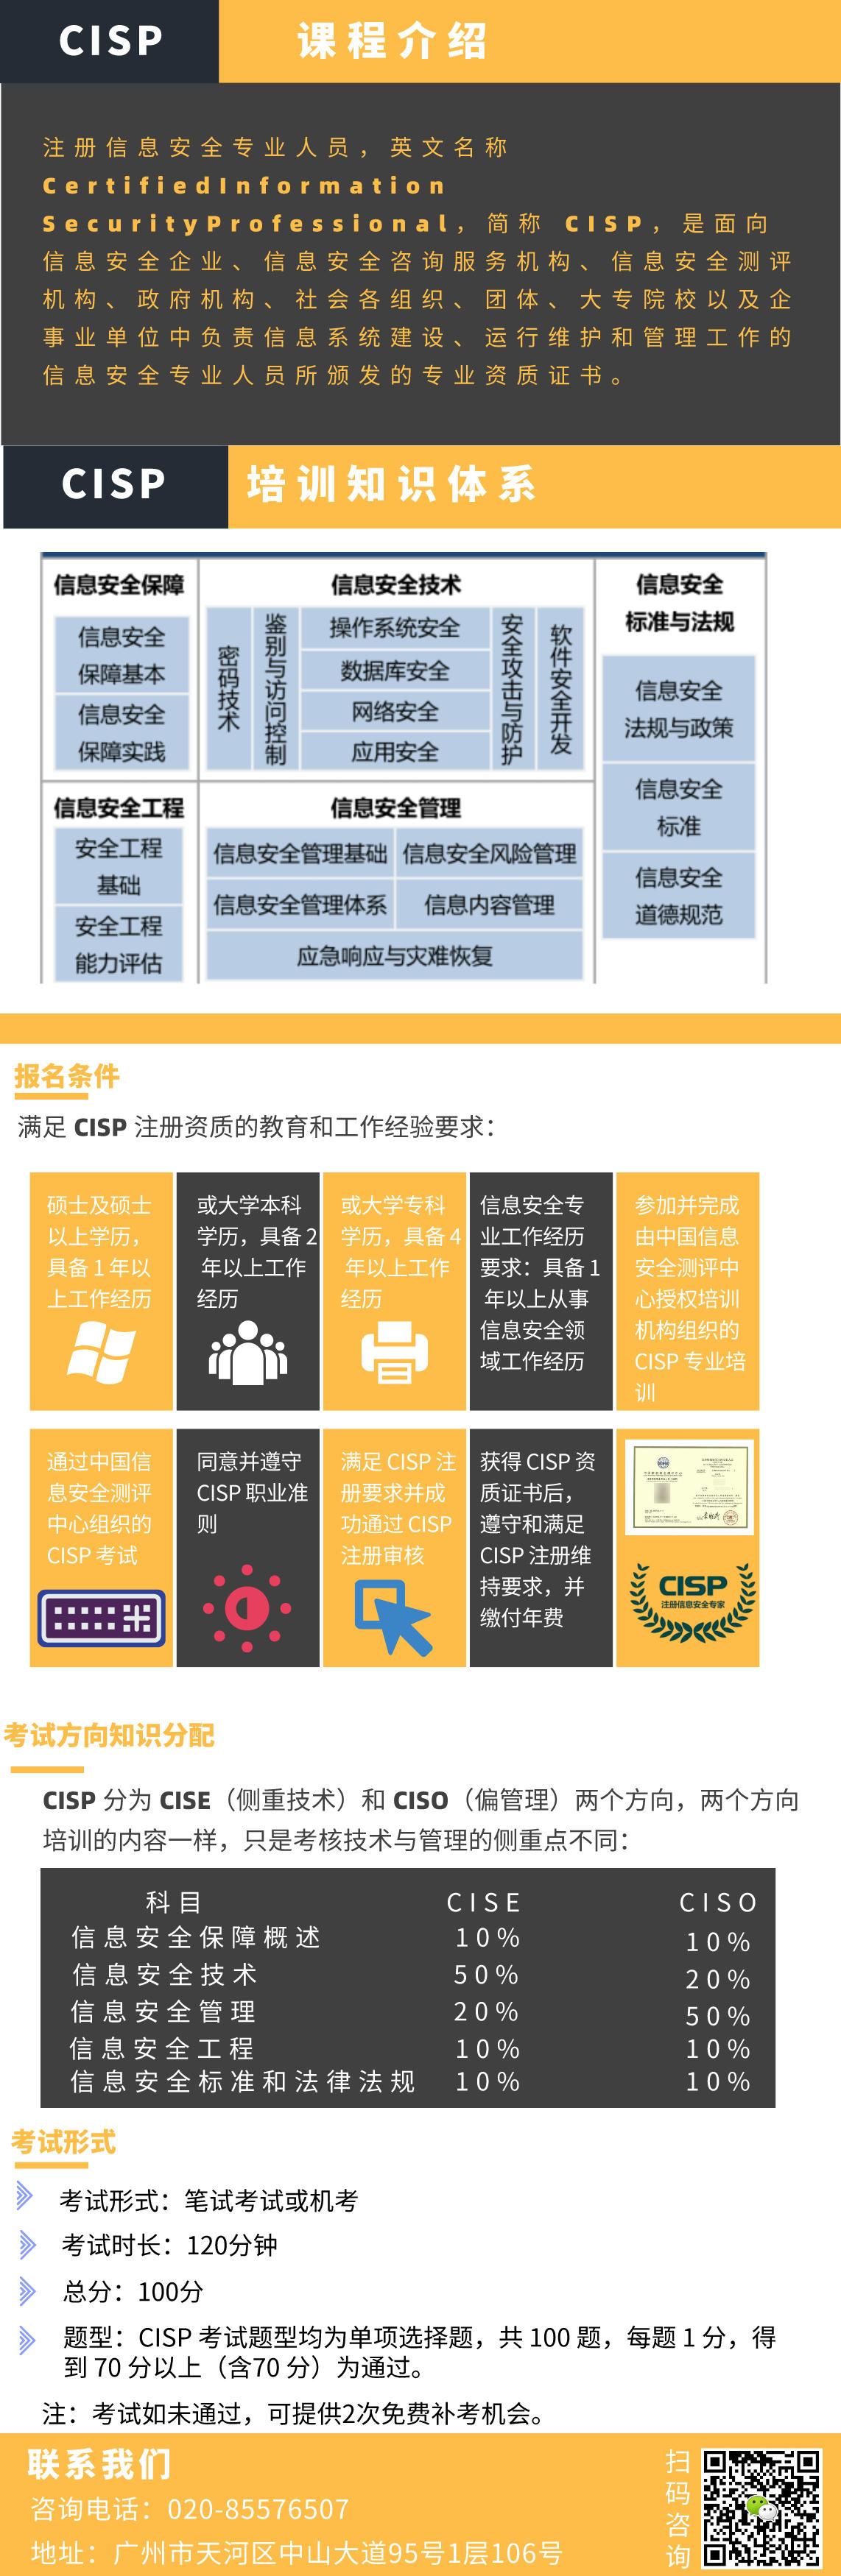 CISP(信息安全专业人员)认证